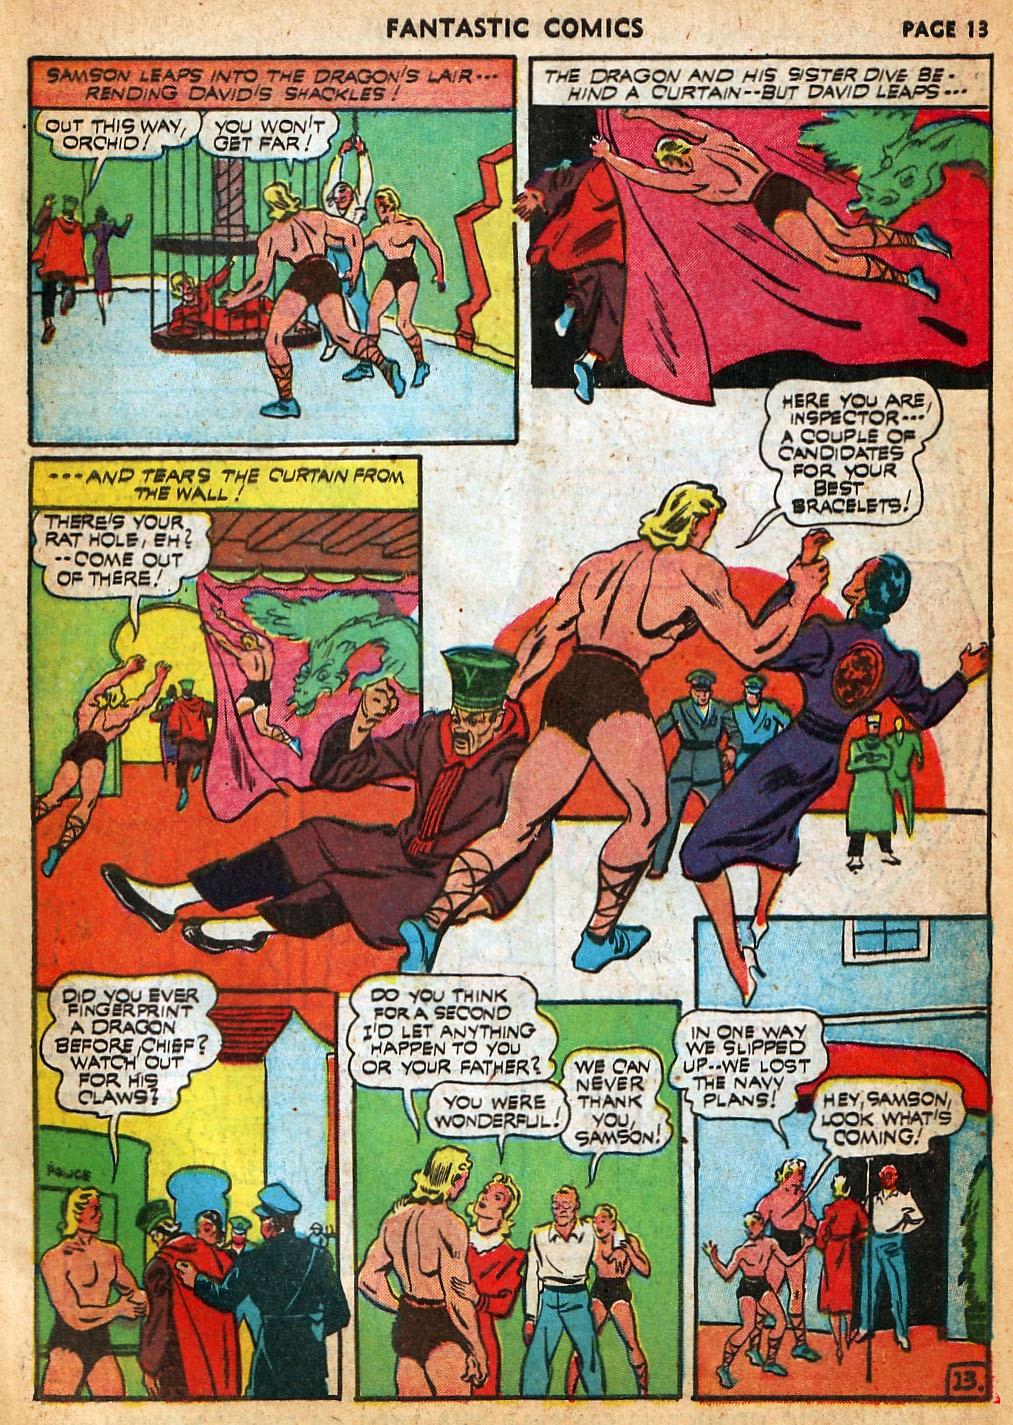 Read online Fantastic Comics comic -  Issue #22 - 15